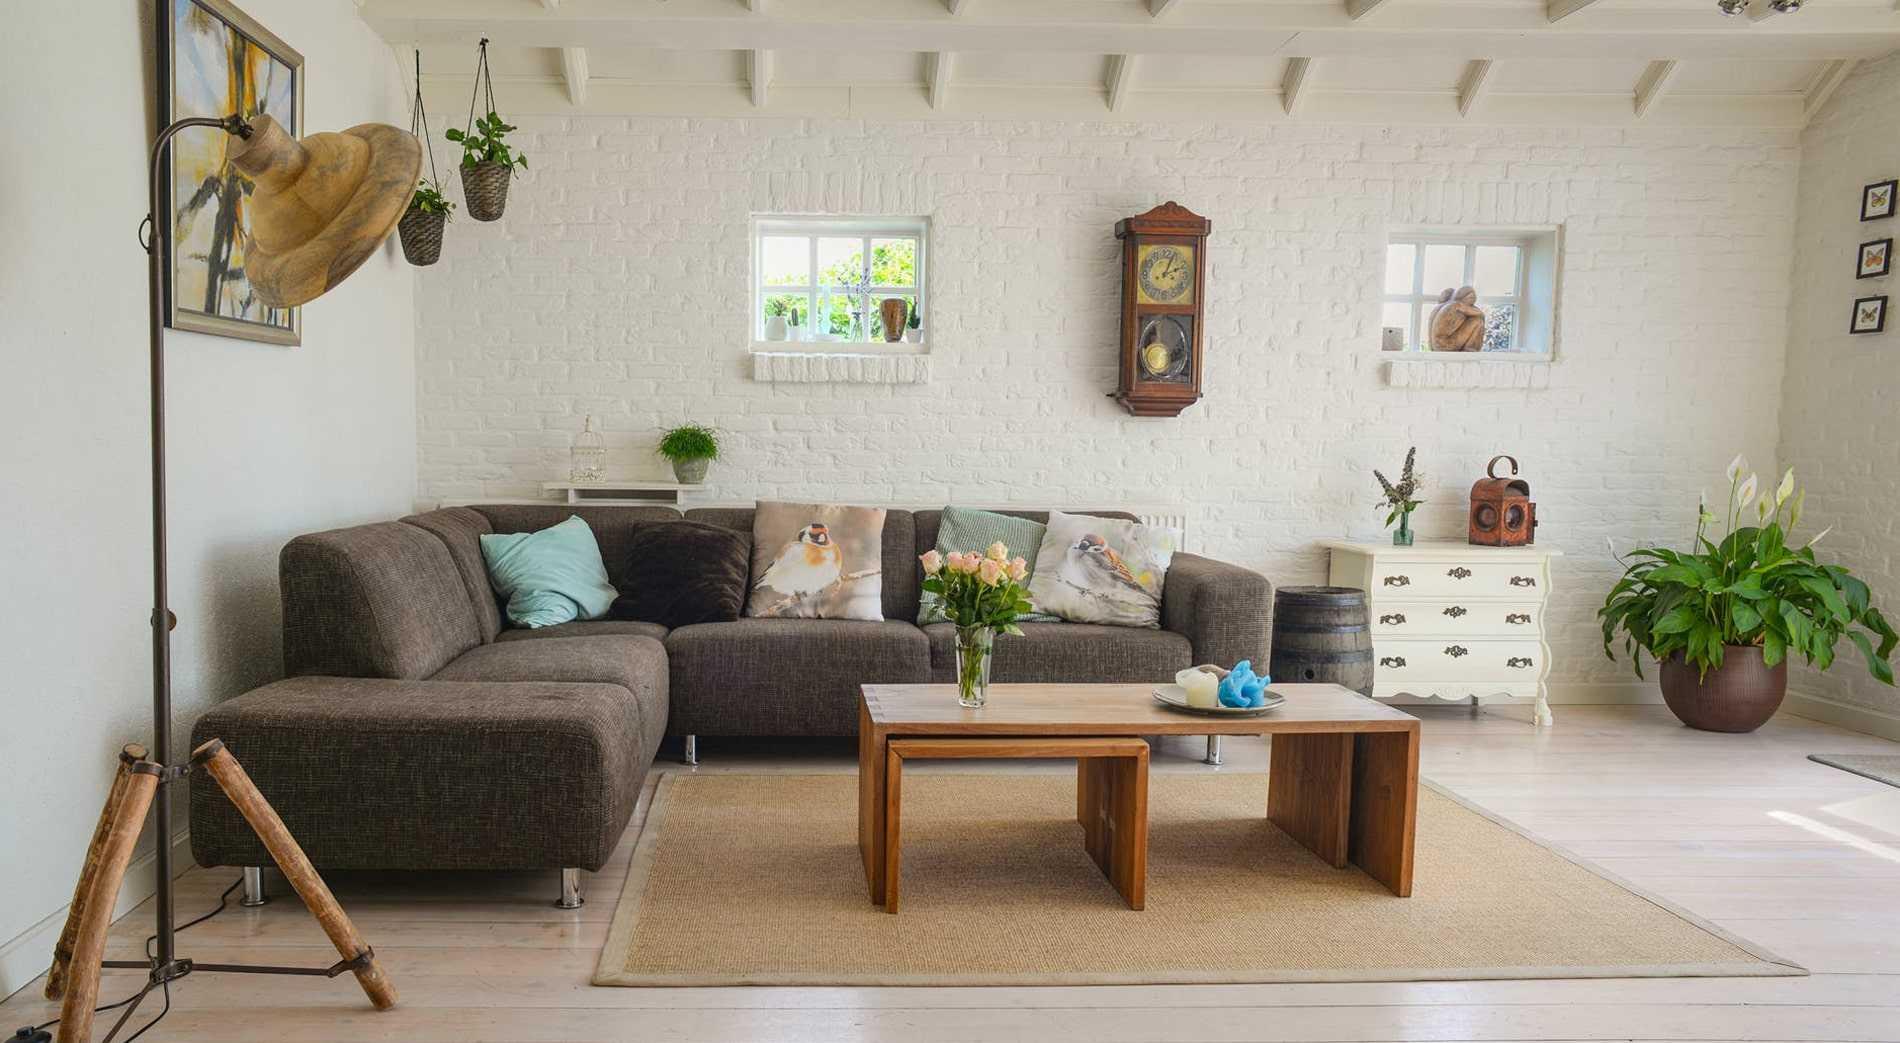 Perabot rumah